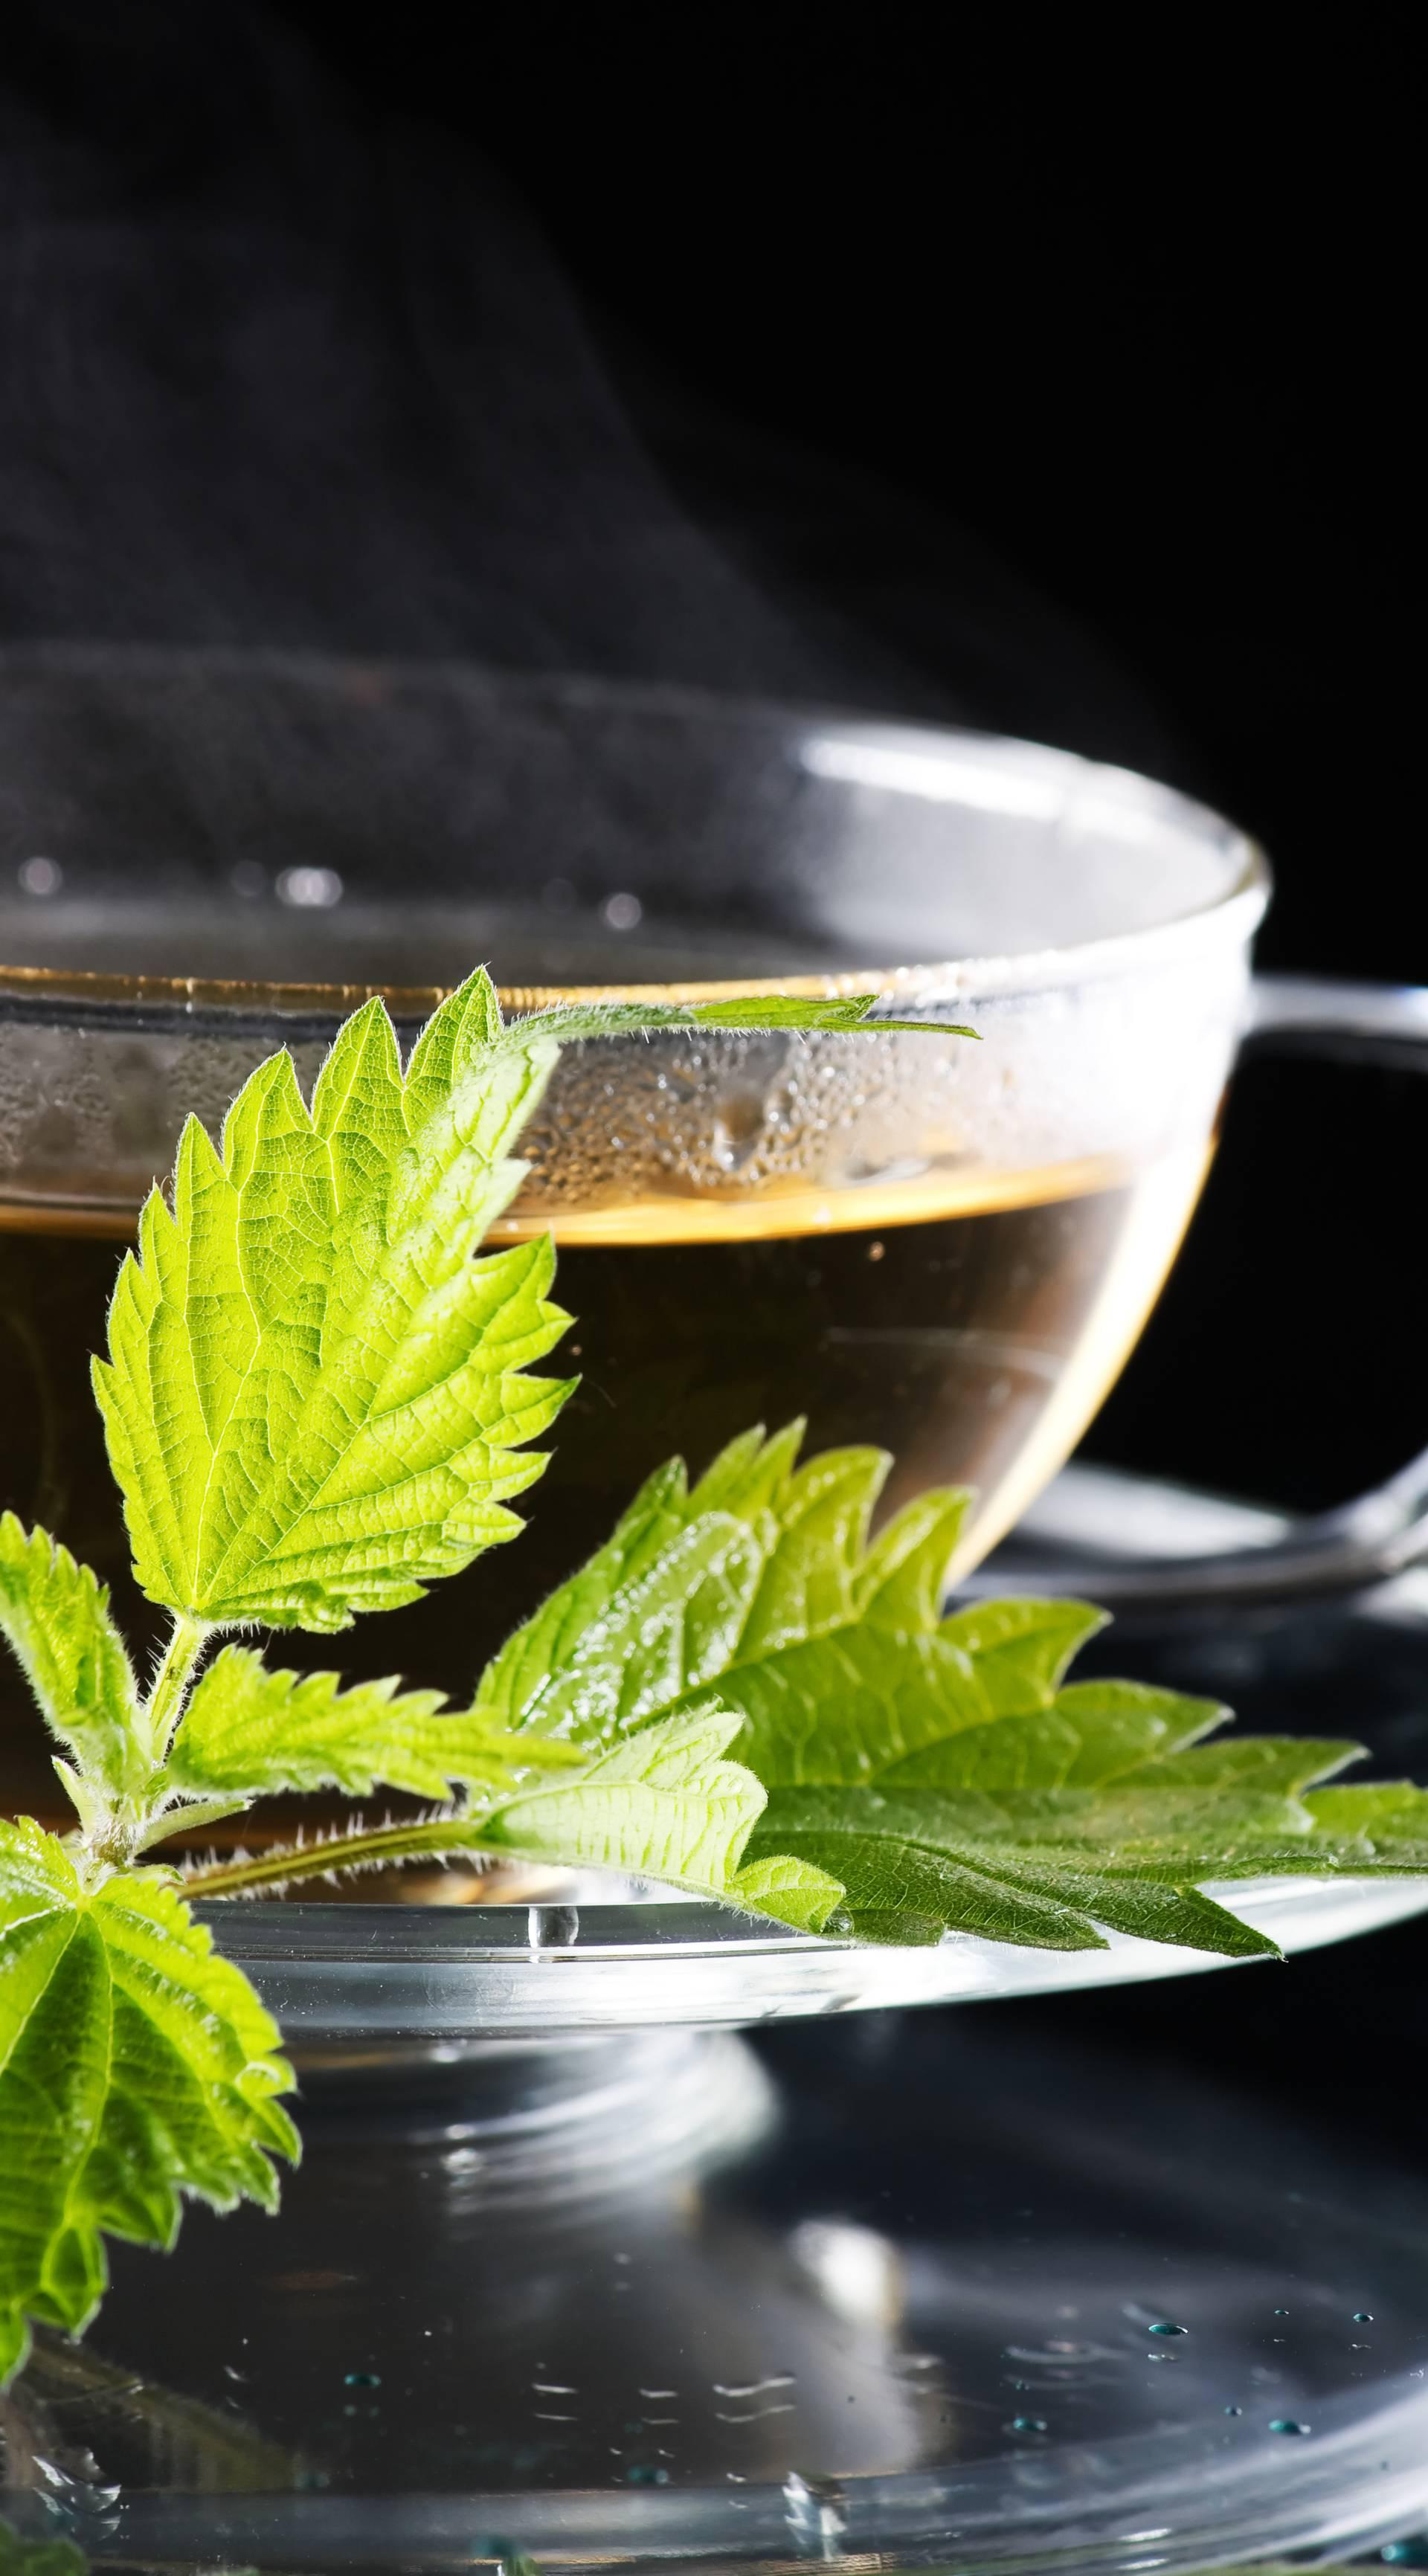 Kopriva, zlatnica, maslačak i breza imaju diuretski učinak